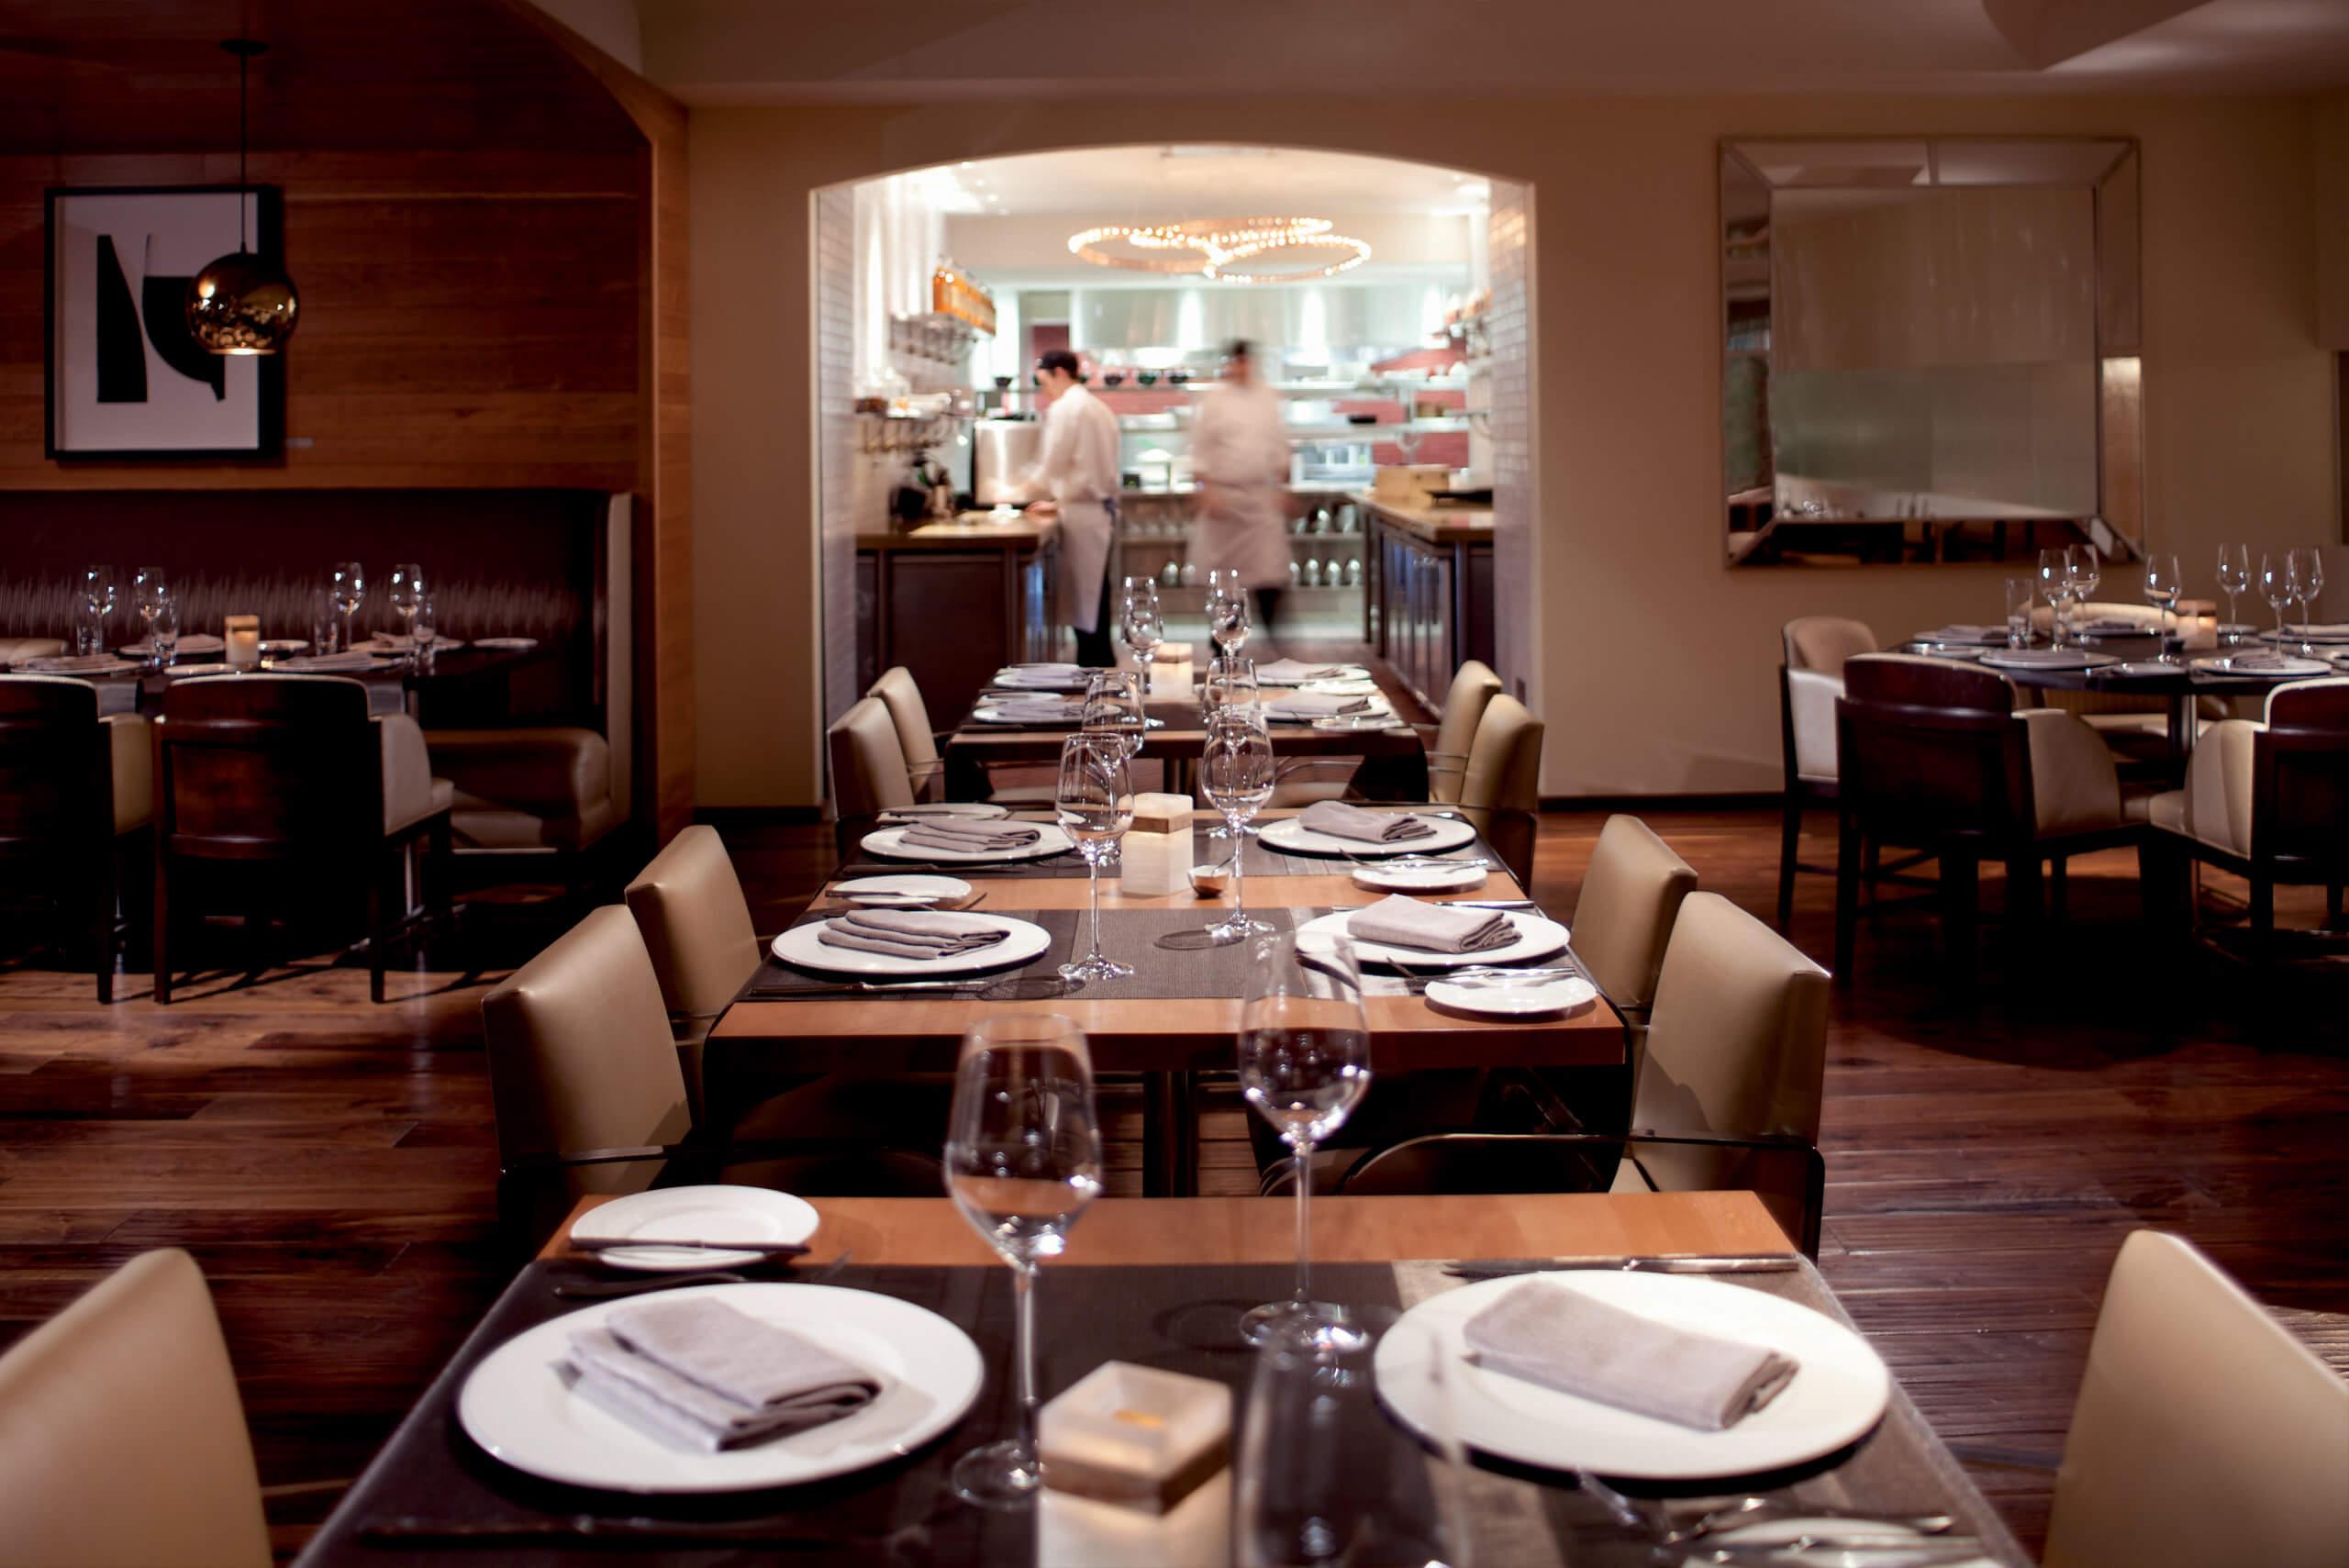 TOCA restaurant, interior design.